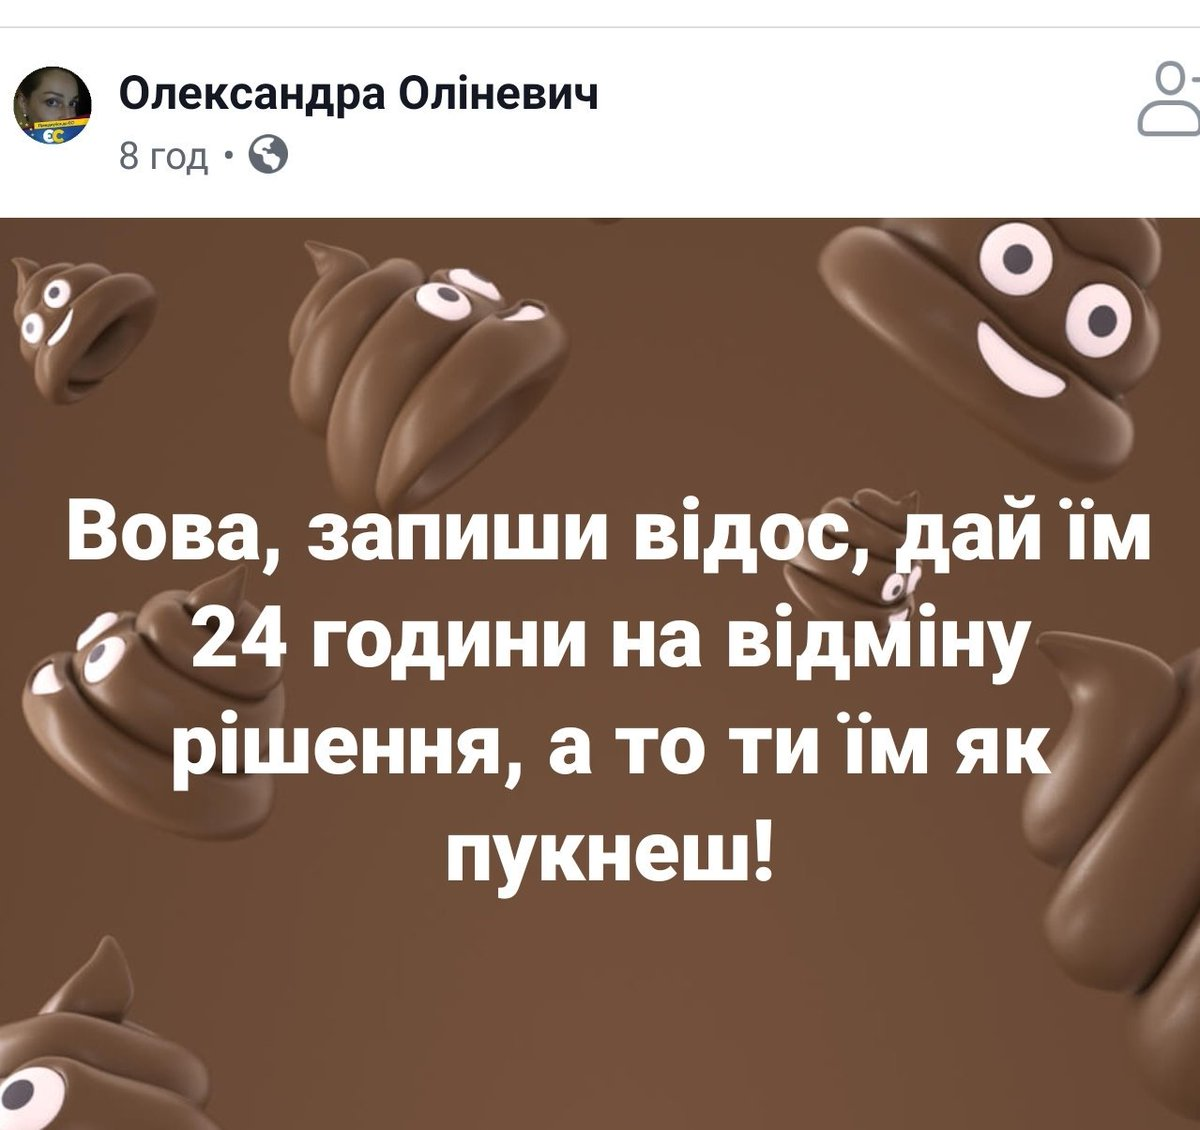 Оккупанты используют на Донбассе новейшие станции спутниковой связи из РФ, - InformNapalm - Цензор.НЕТ 3225